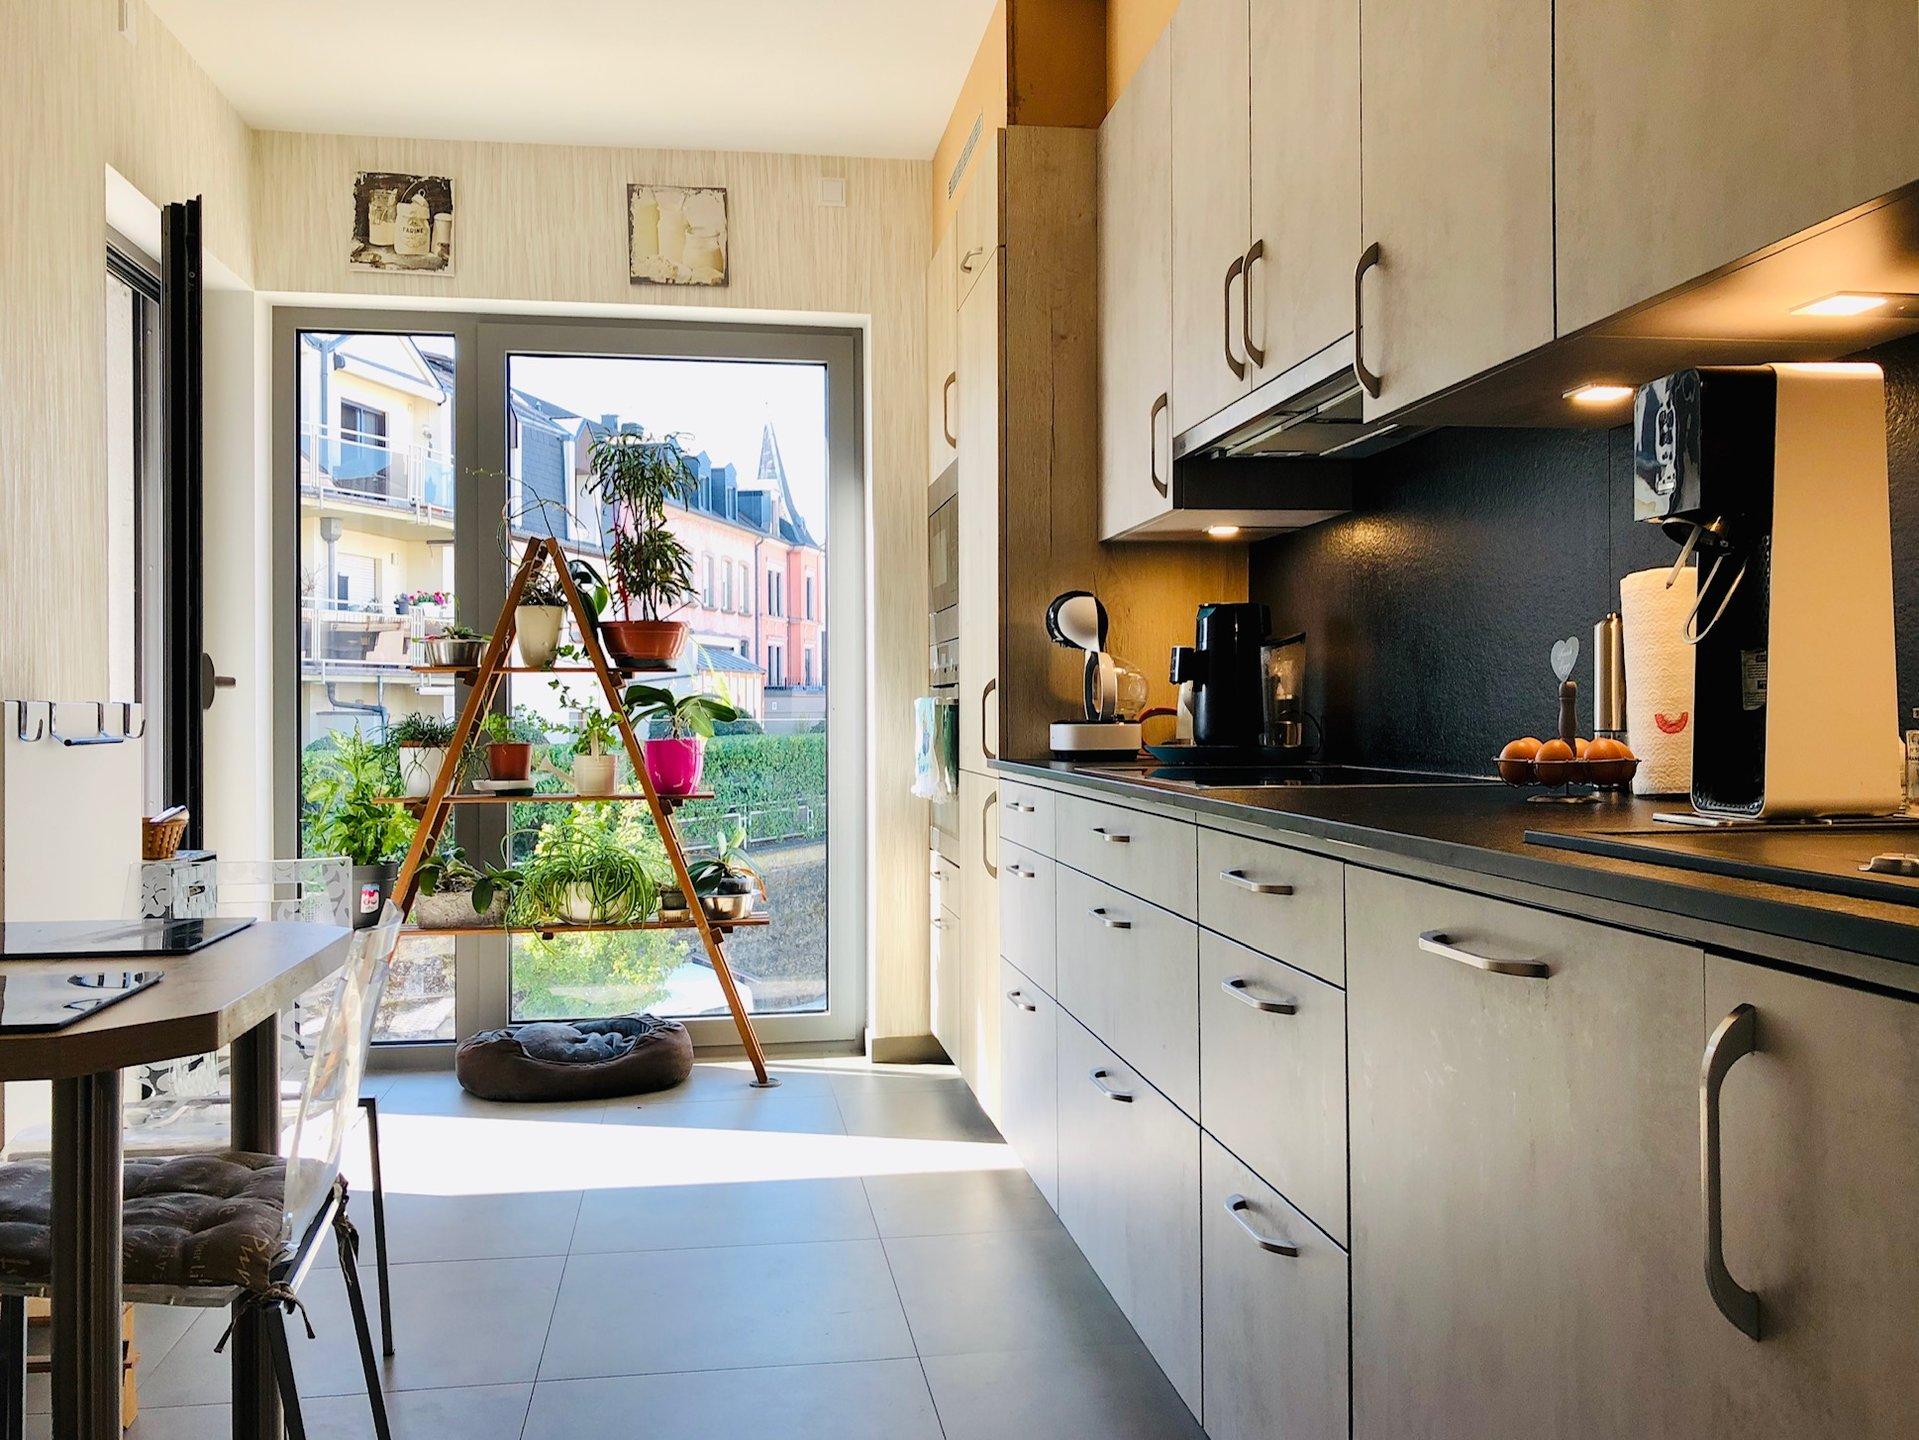 Appartement 2 chambres avec services adaptés